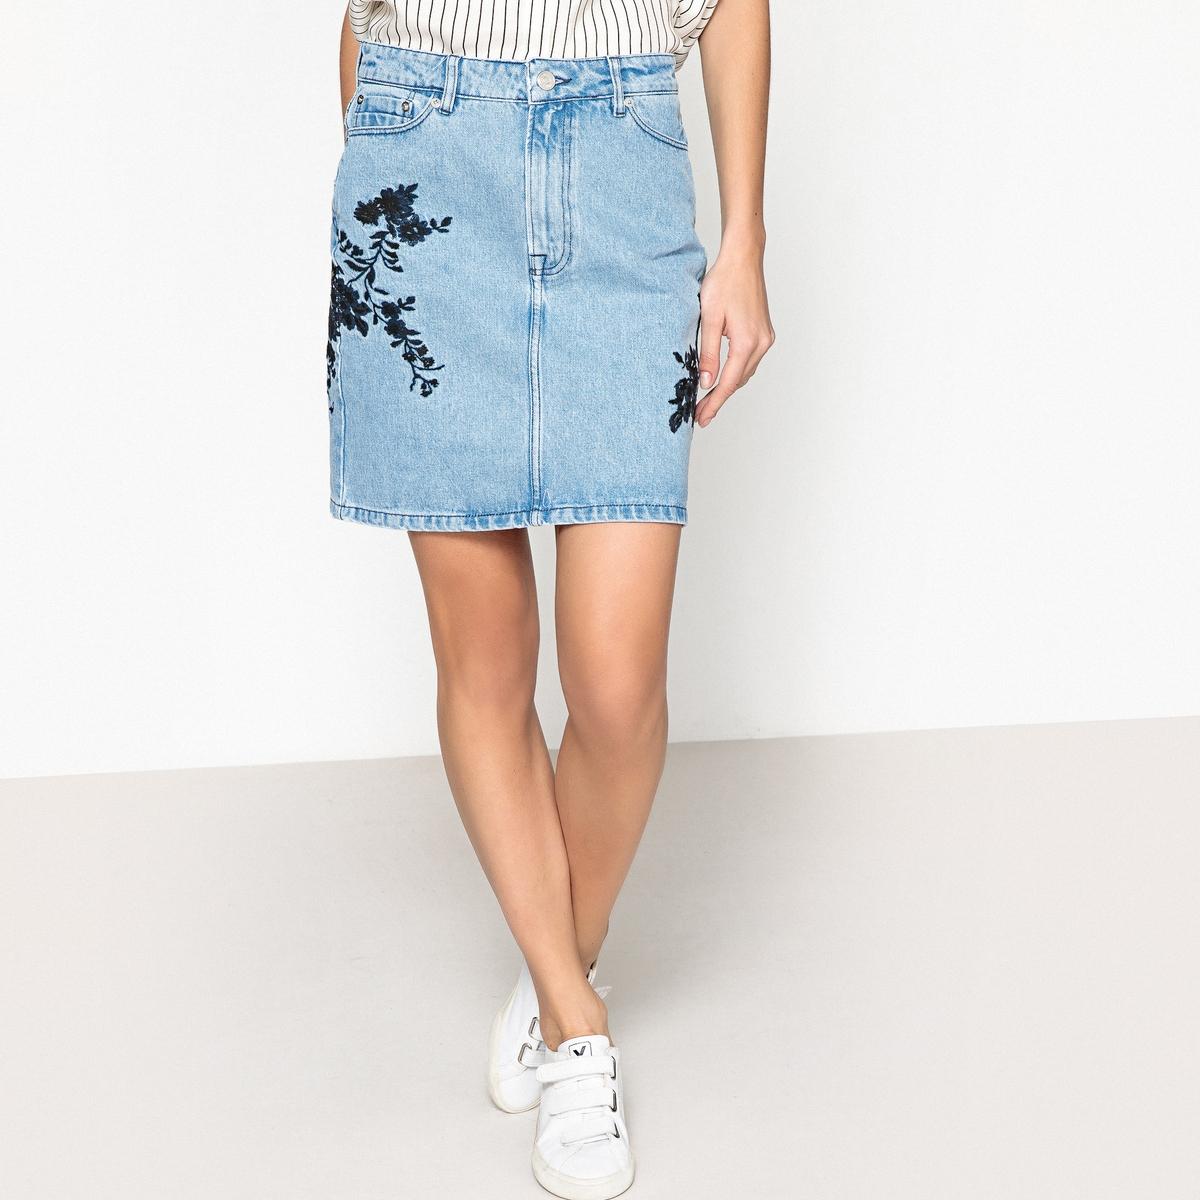 Юбка джинсовая с вышивкой PAMELA цена 2017